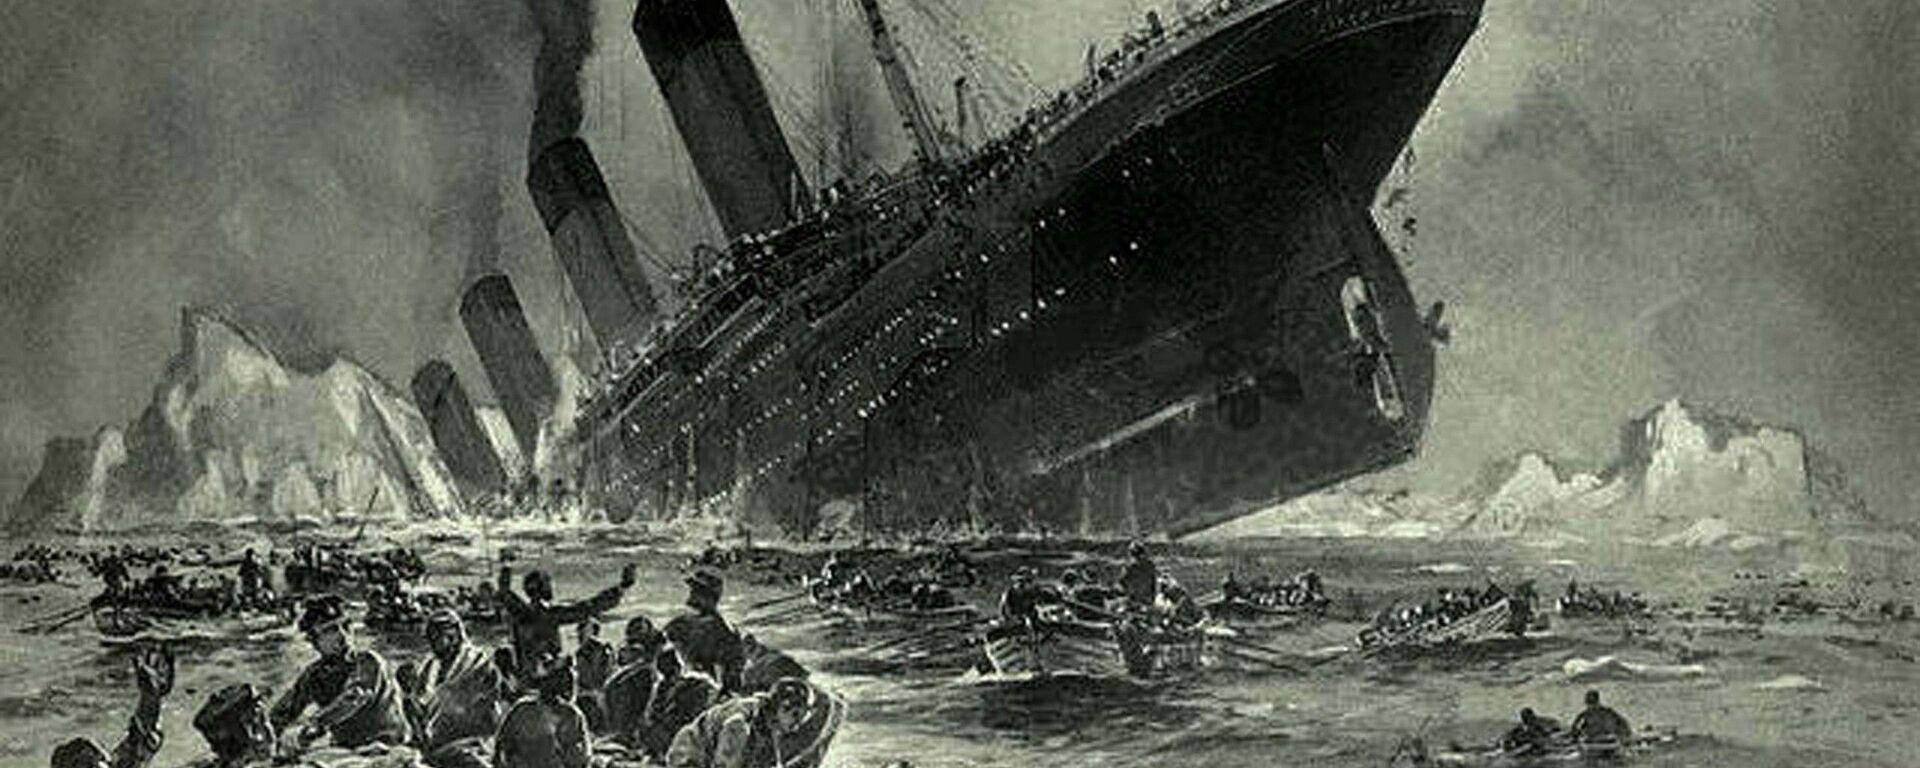 Η βύθιση του πλοίου Τιτανικός - Sputnik Ελλάδα, 1920, 03.08.2021